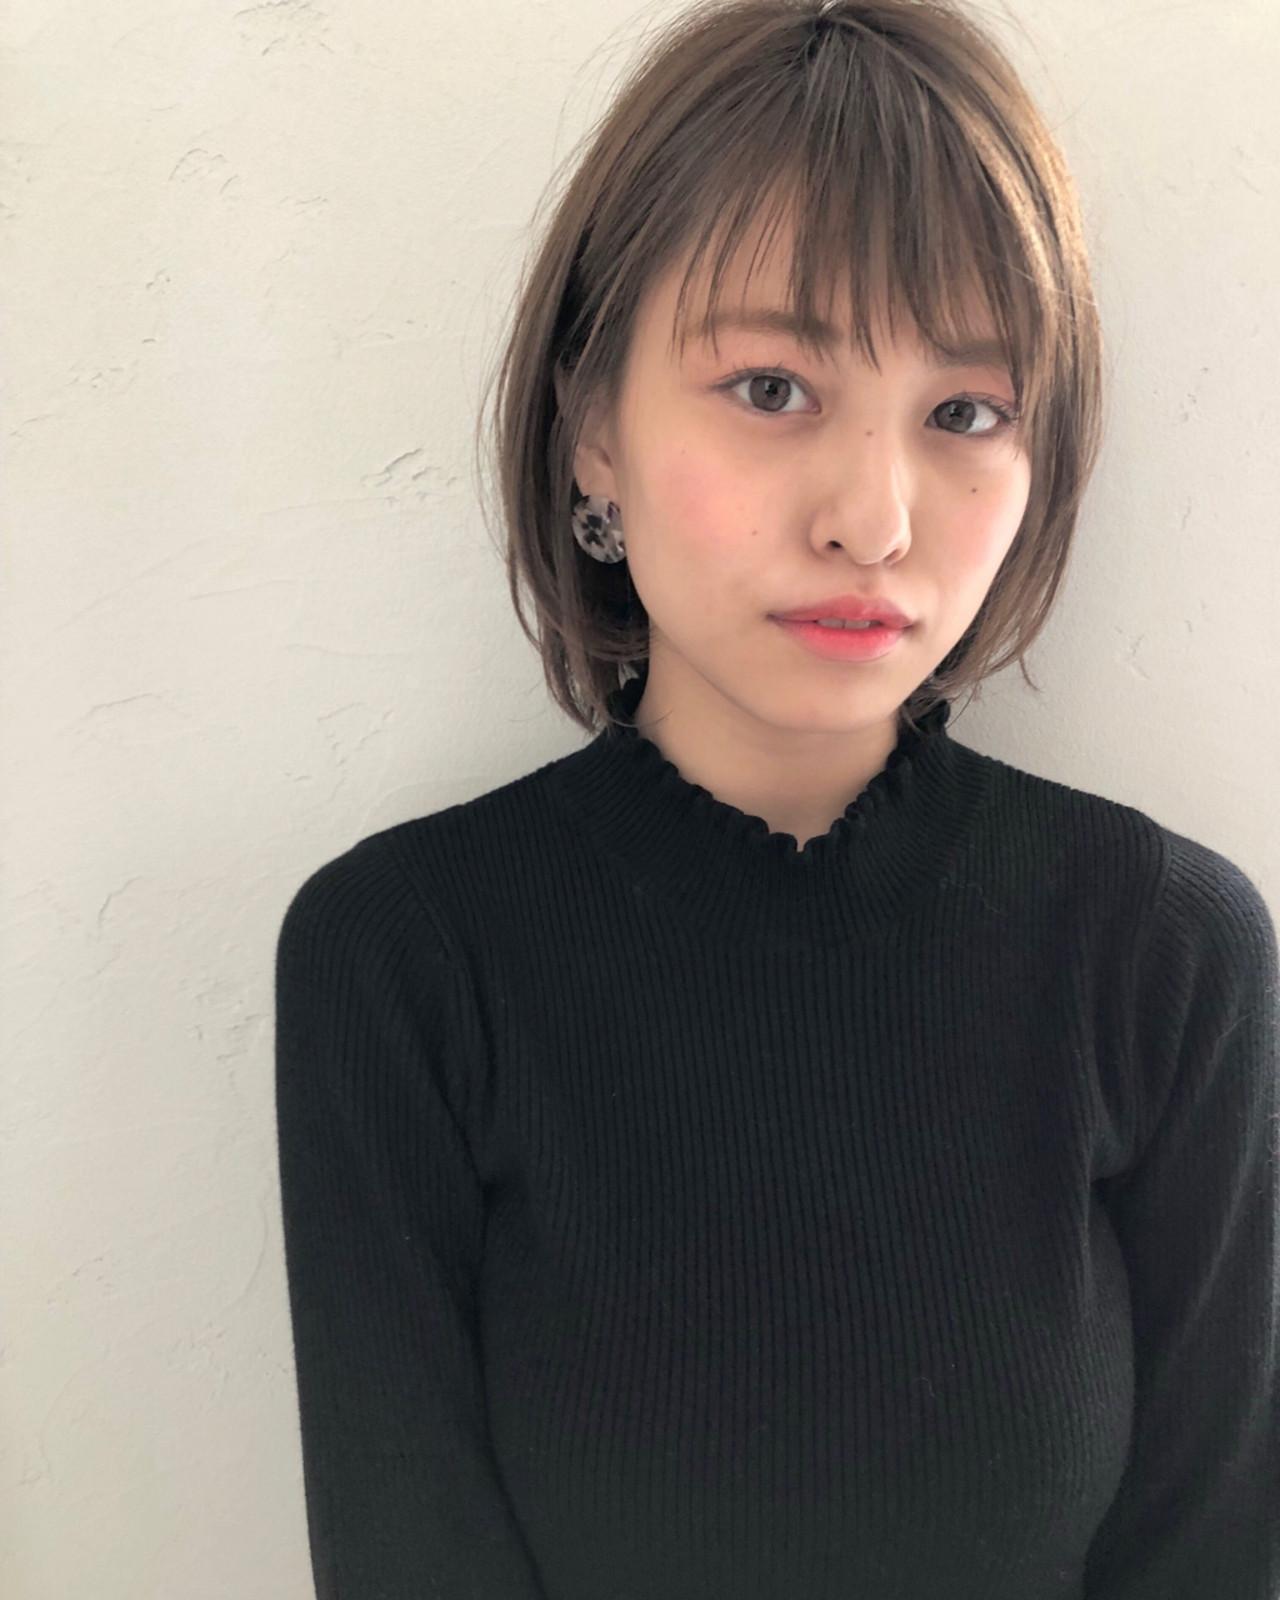 ボブ オフィス デート 黒髪 ヘアスタイルや髪型の写真・画像 | ナガヤ アキラ joemi 新宿 / joemi by Un ami